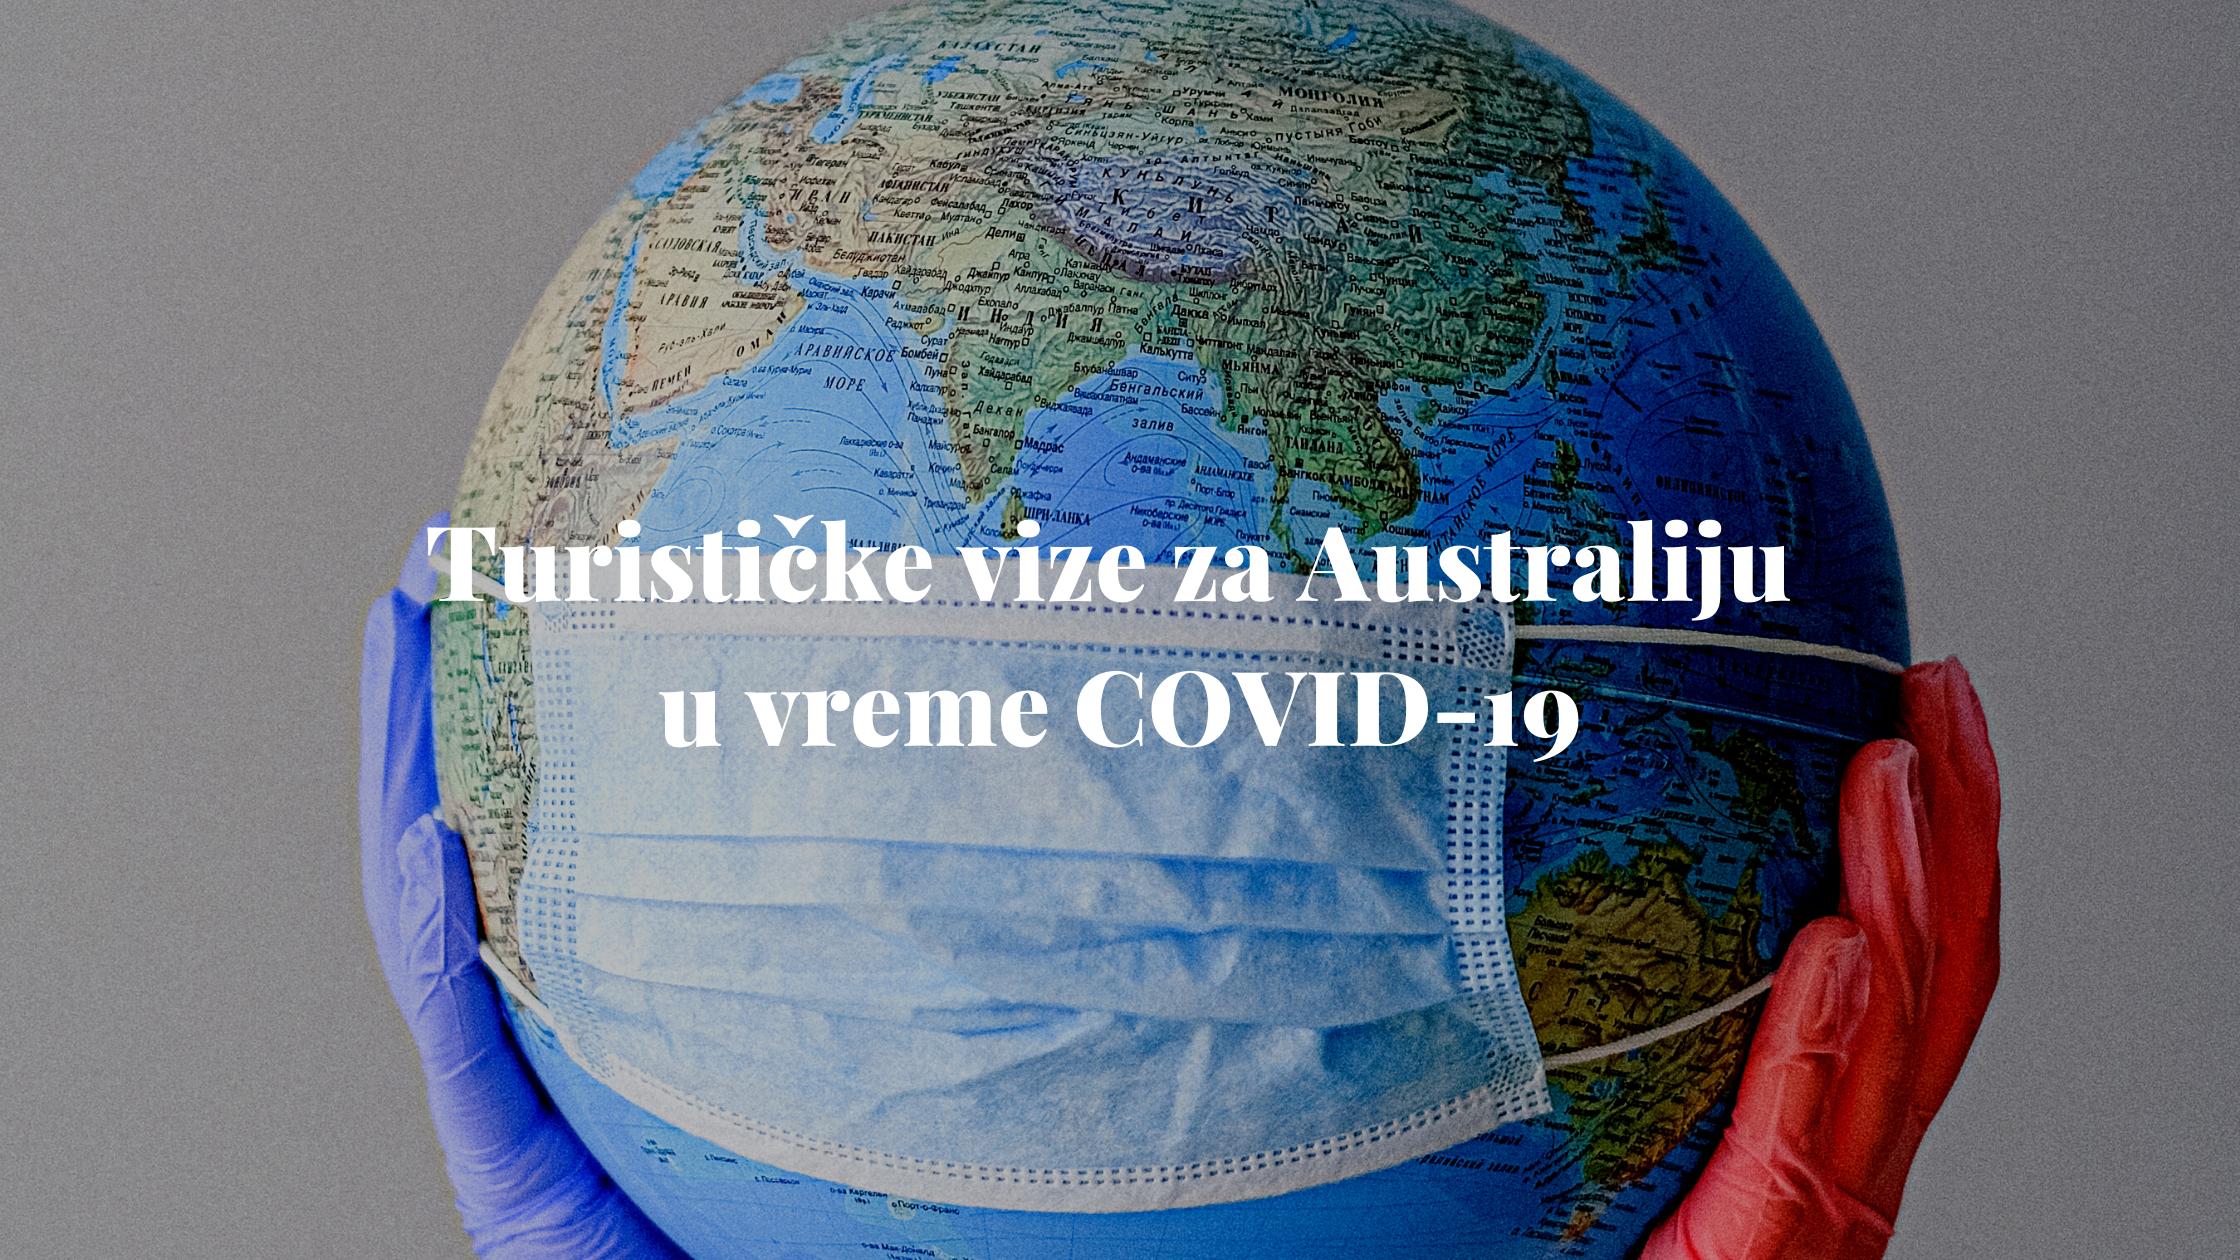 Turističke vize za Australiju u vreme COVID-19 1